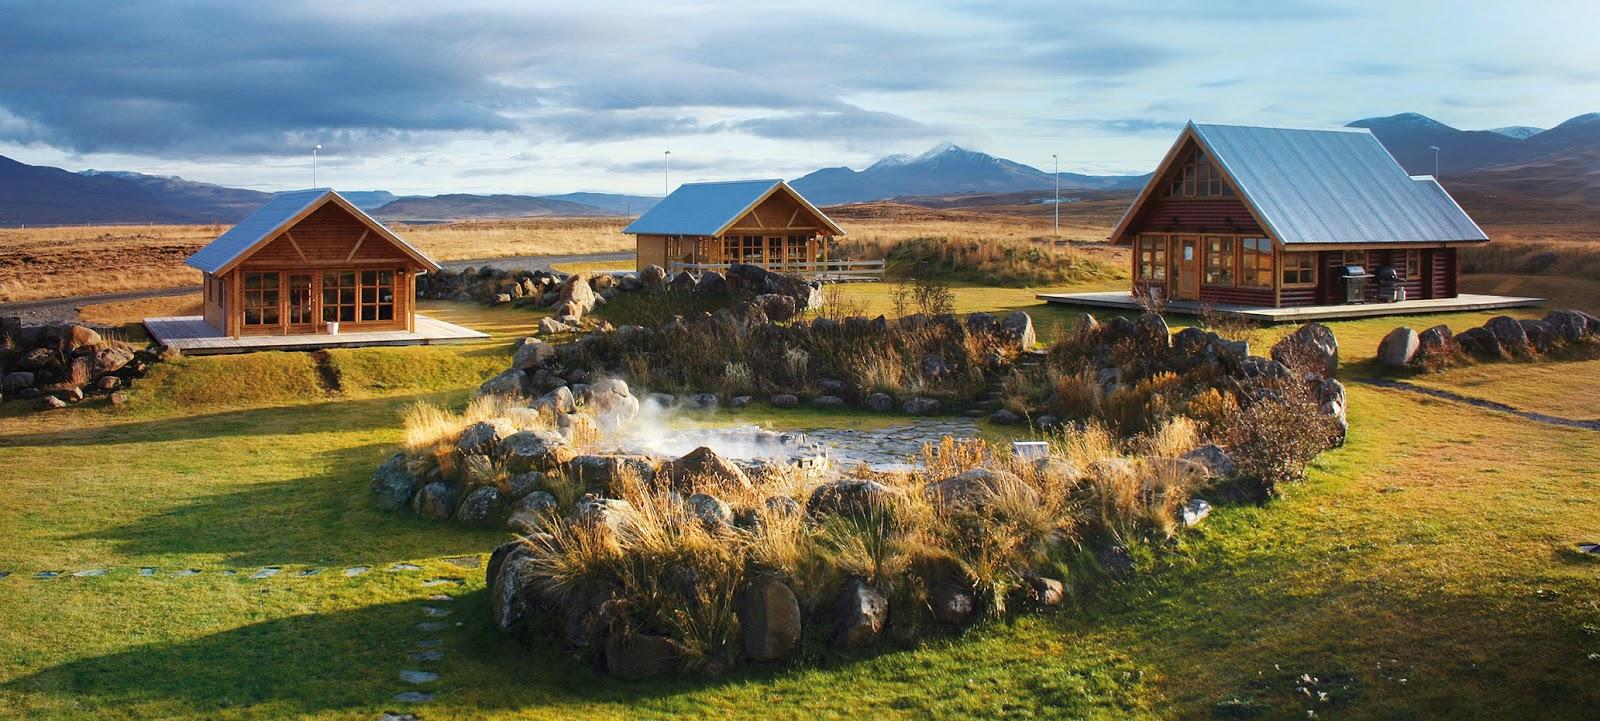 Islandia 24 noticias y viajes a islandia alojamiento durante tu viaje en islandia - Casas en islandia ...